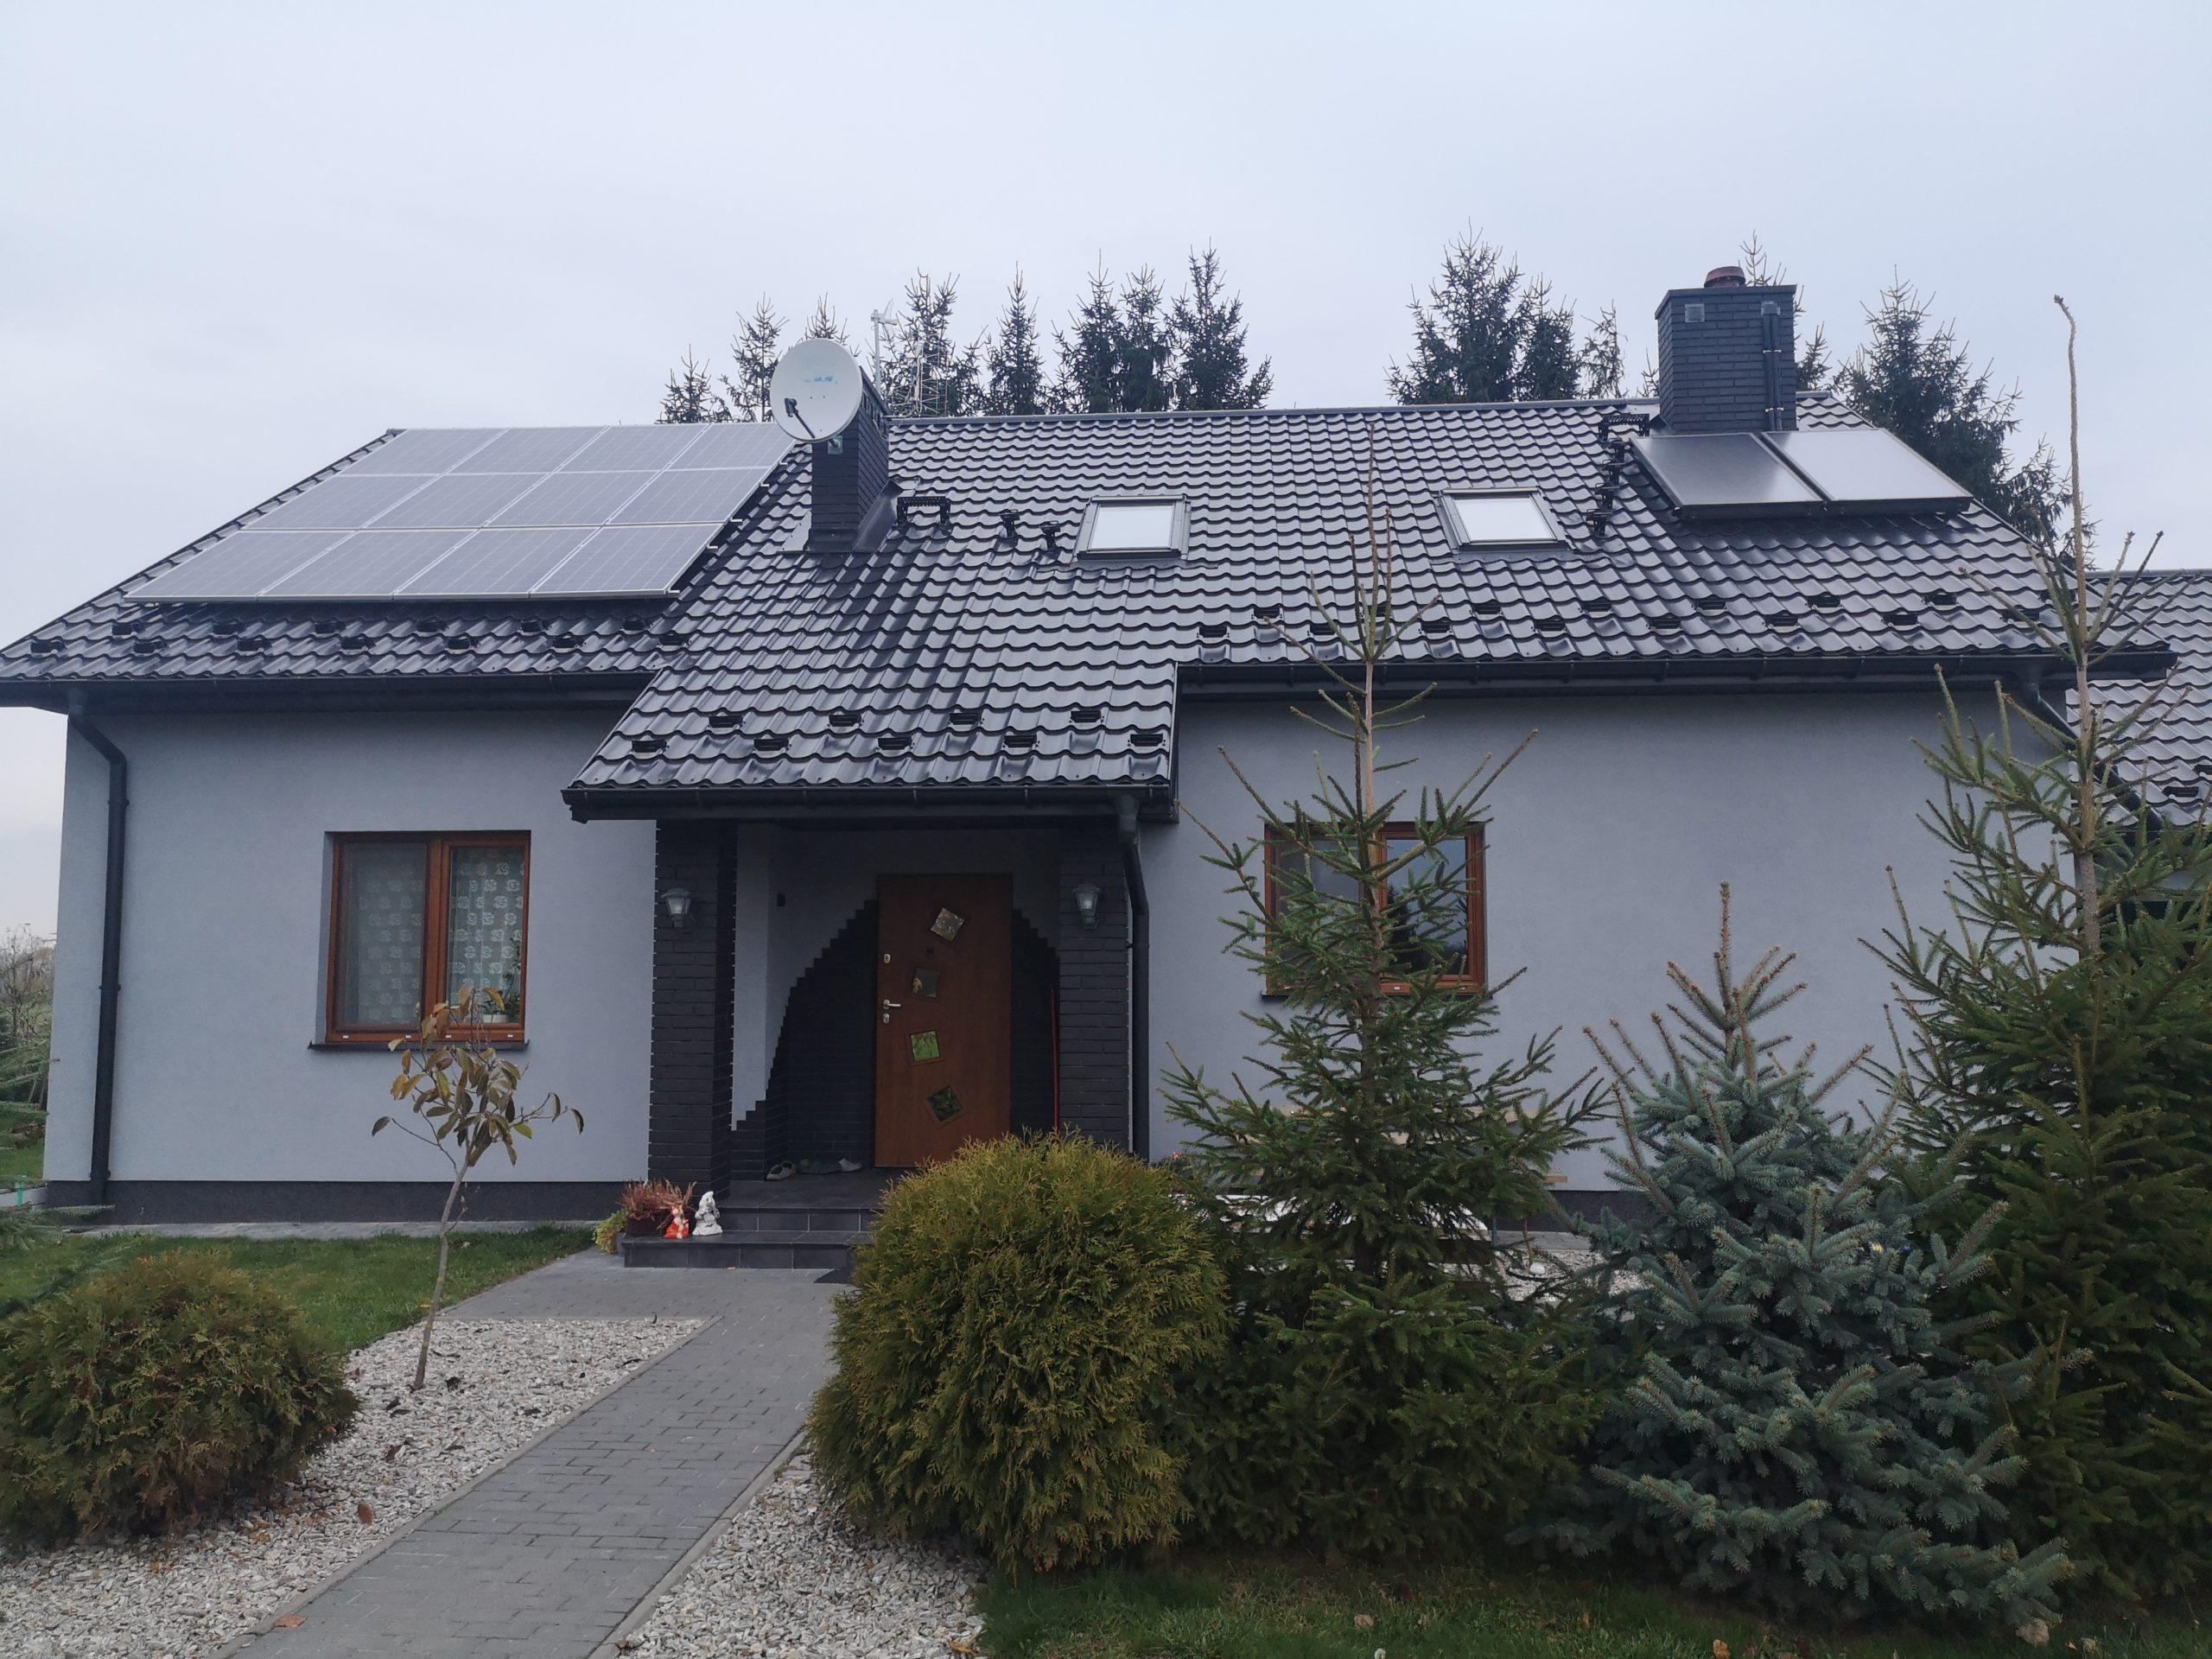 Dębiny, gm. Abramów - 3,36 kWp